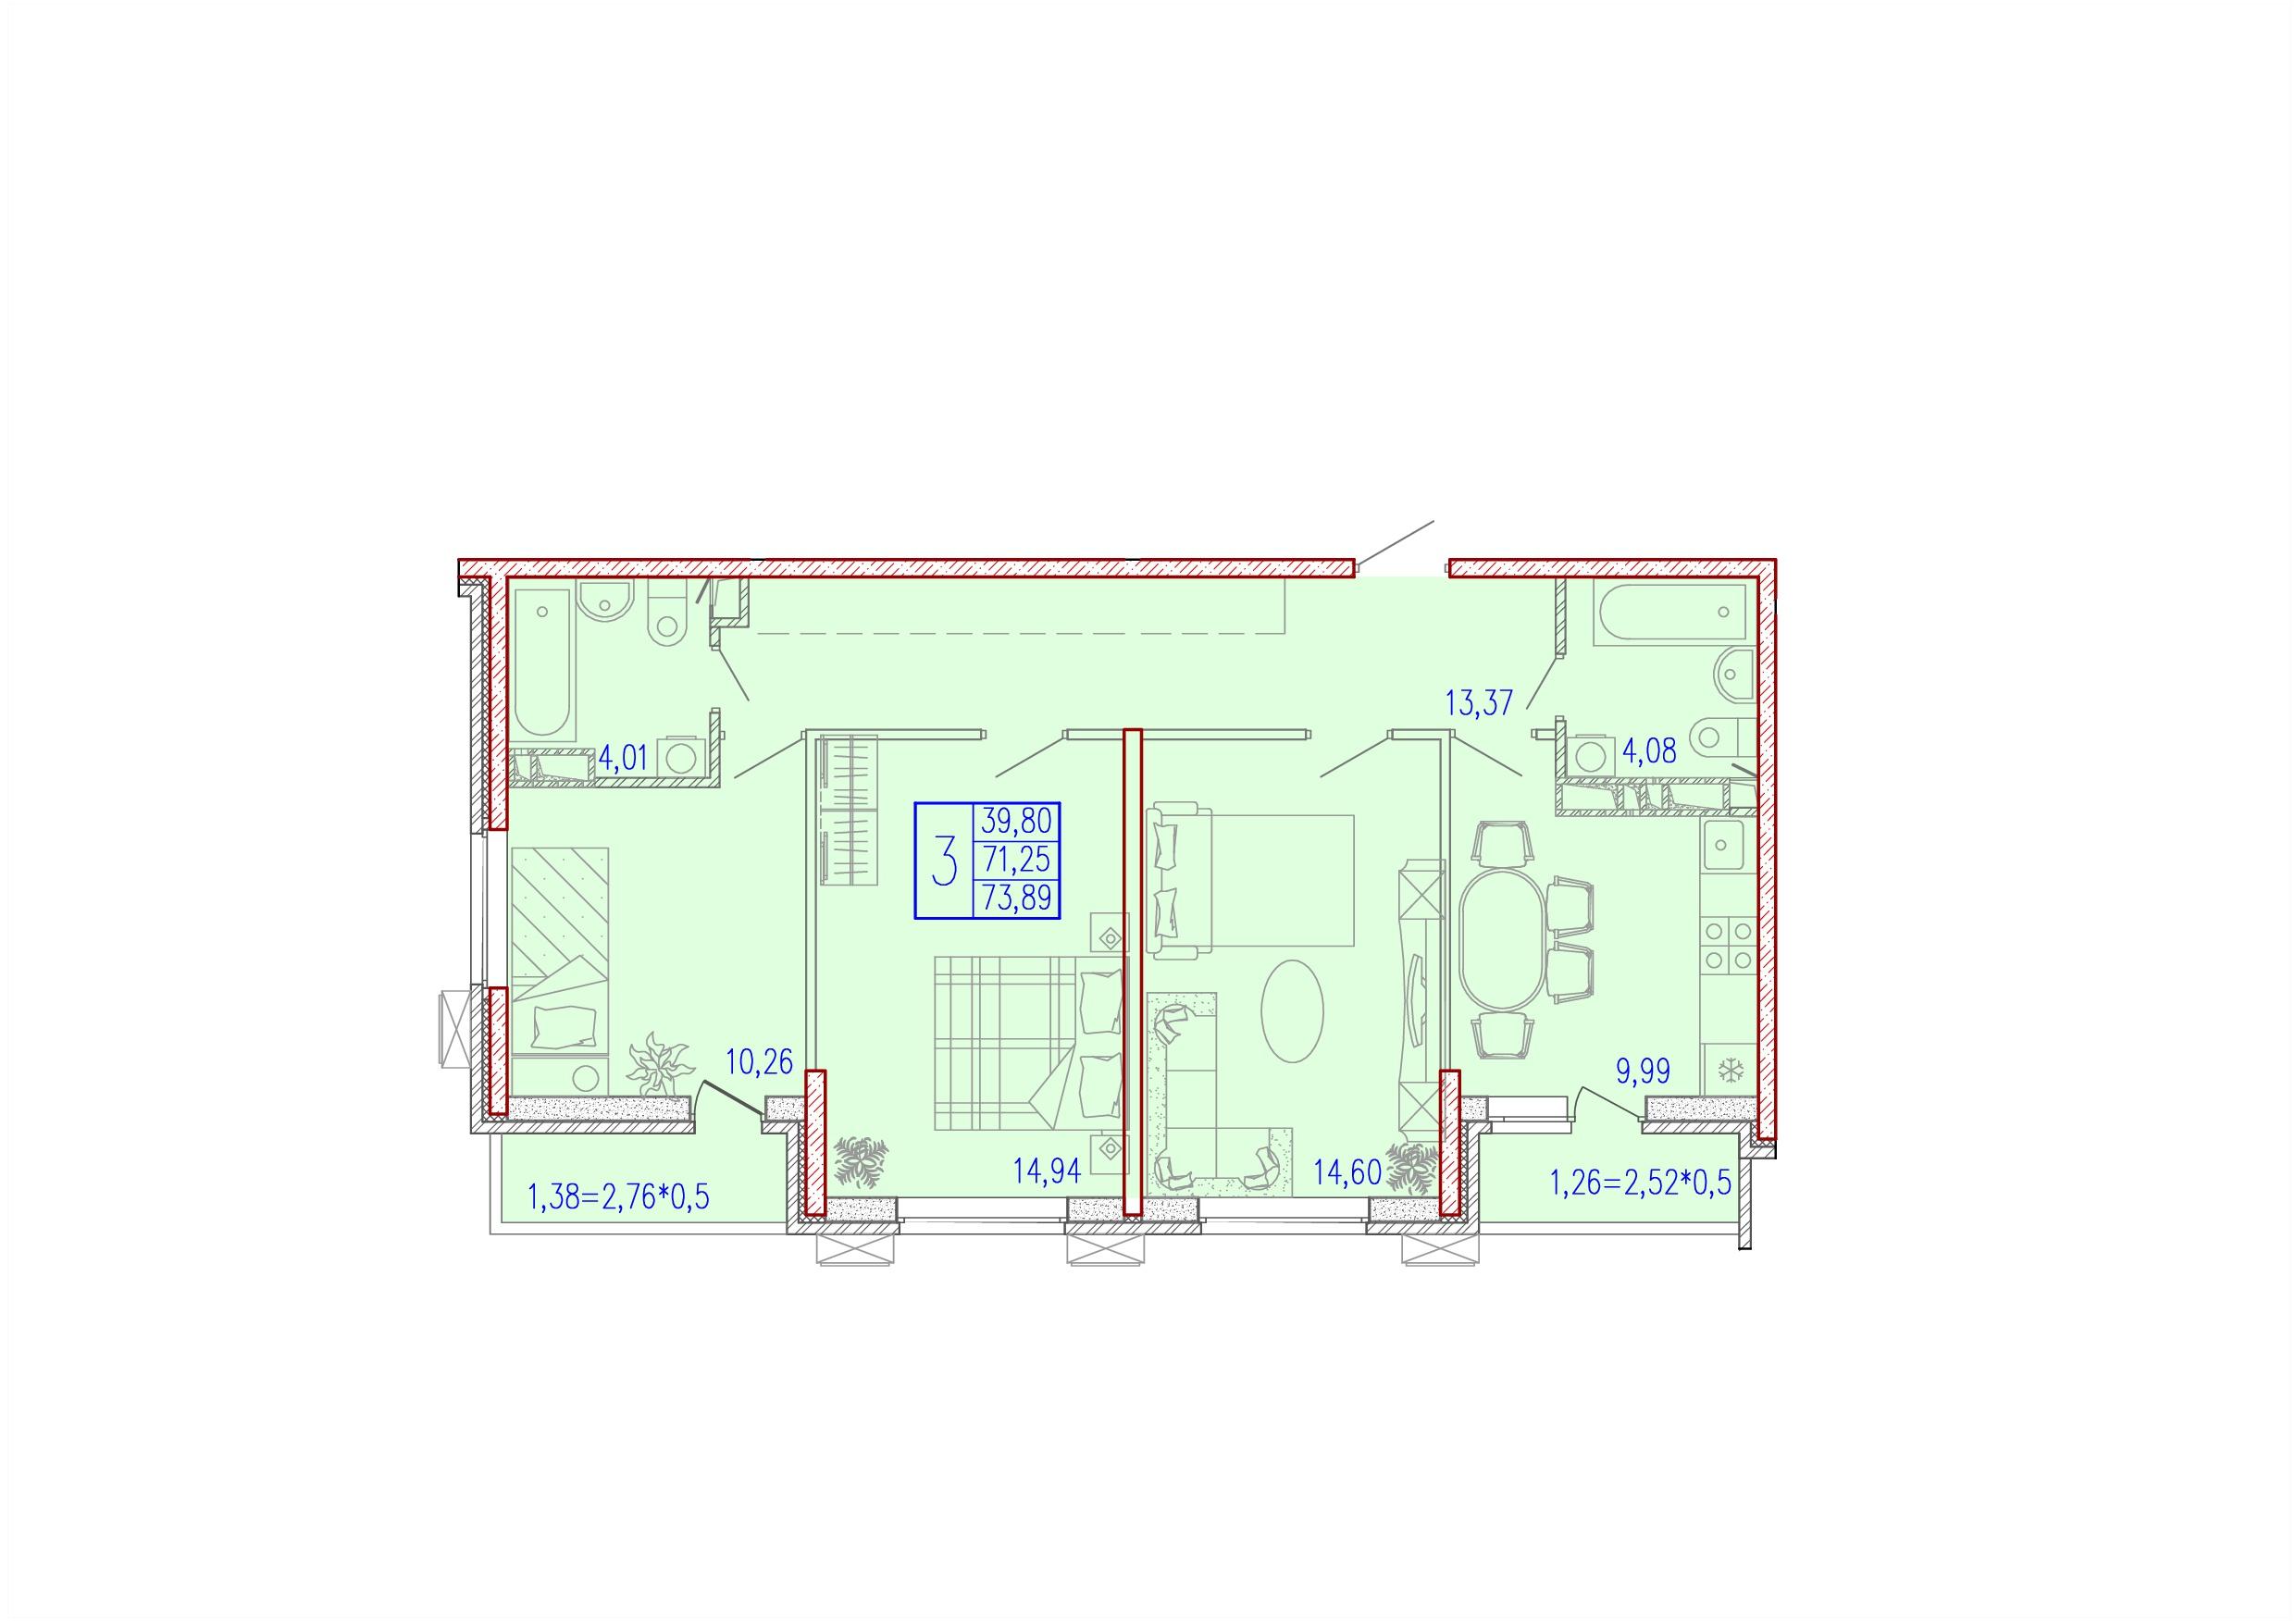 3-комнатная 73.89<span>м<sup>2</sup></span>